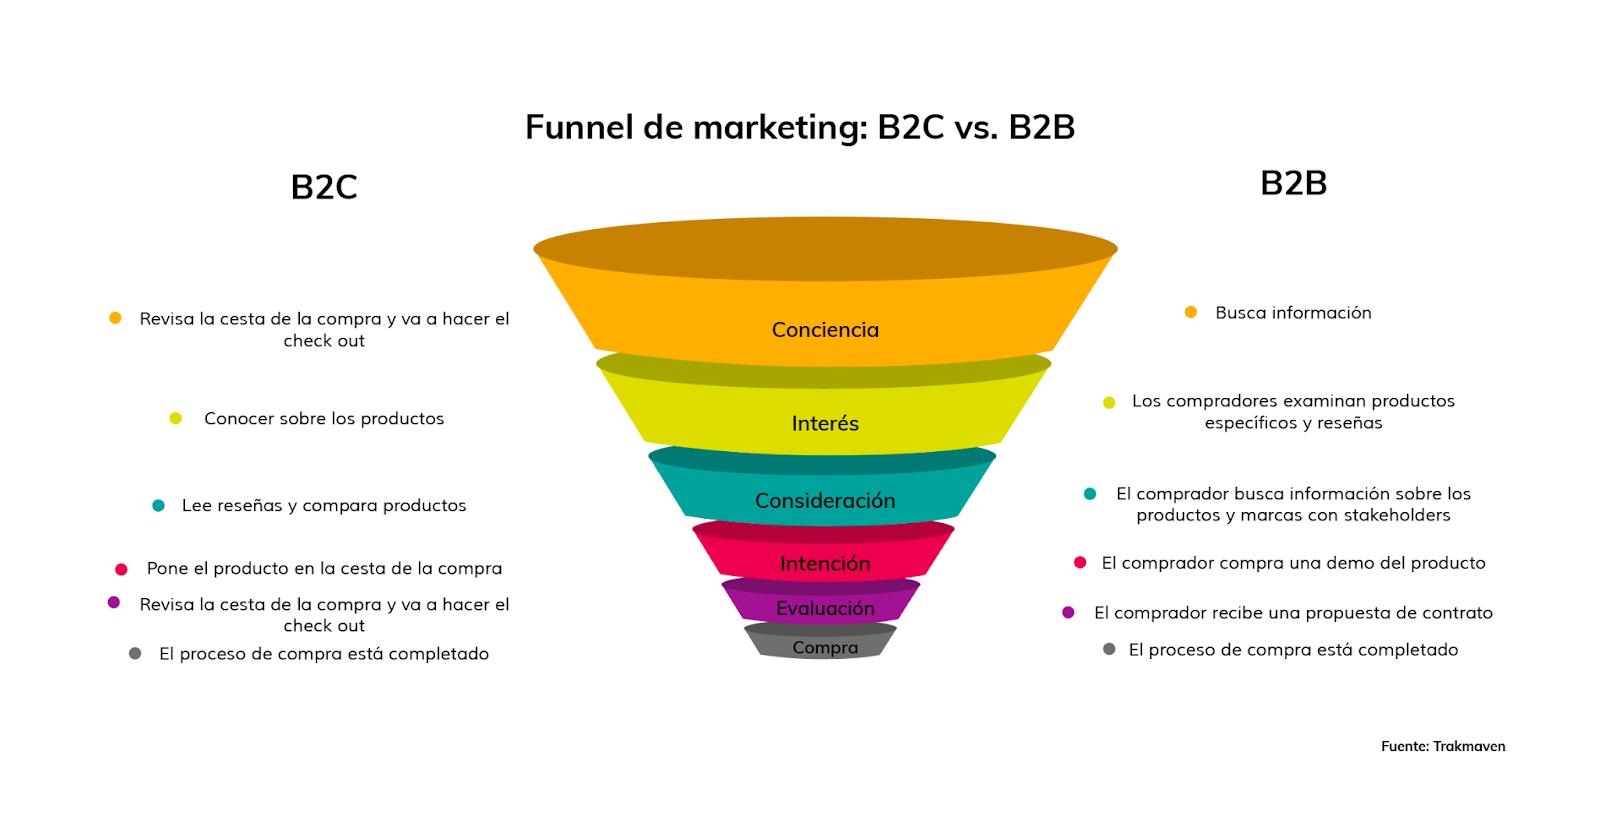 funnel de ventas B2B y B2C